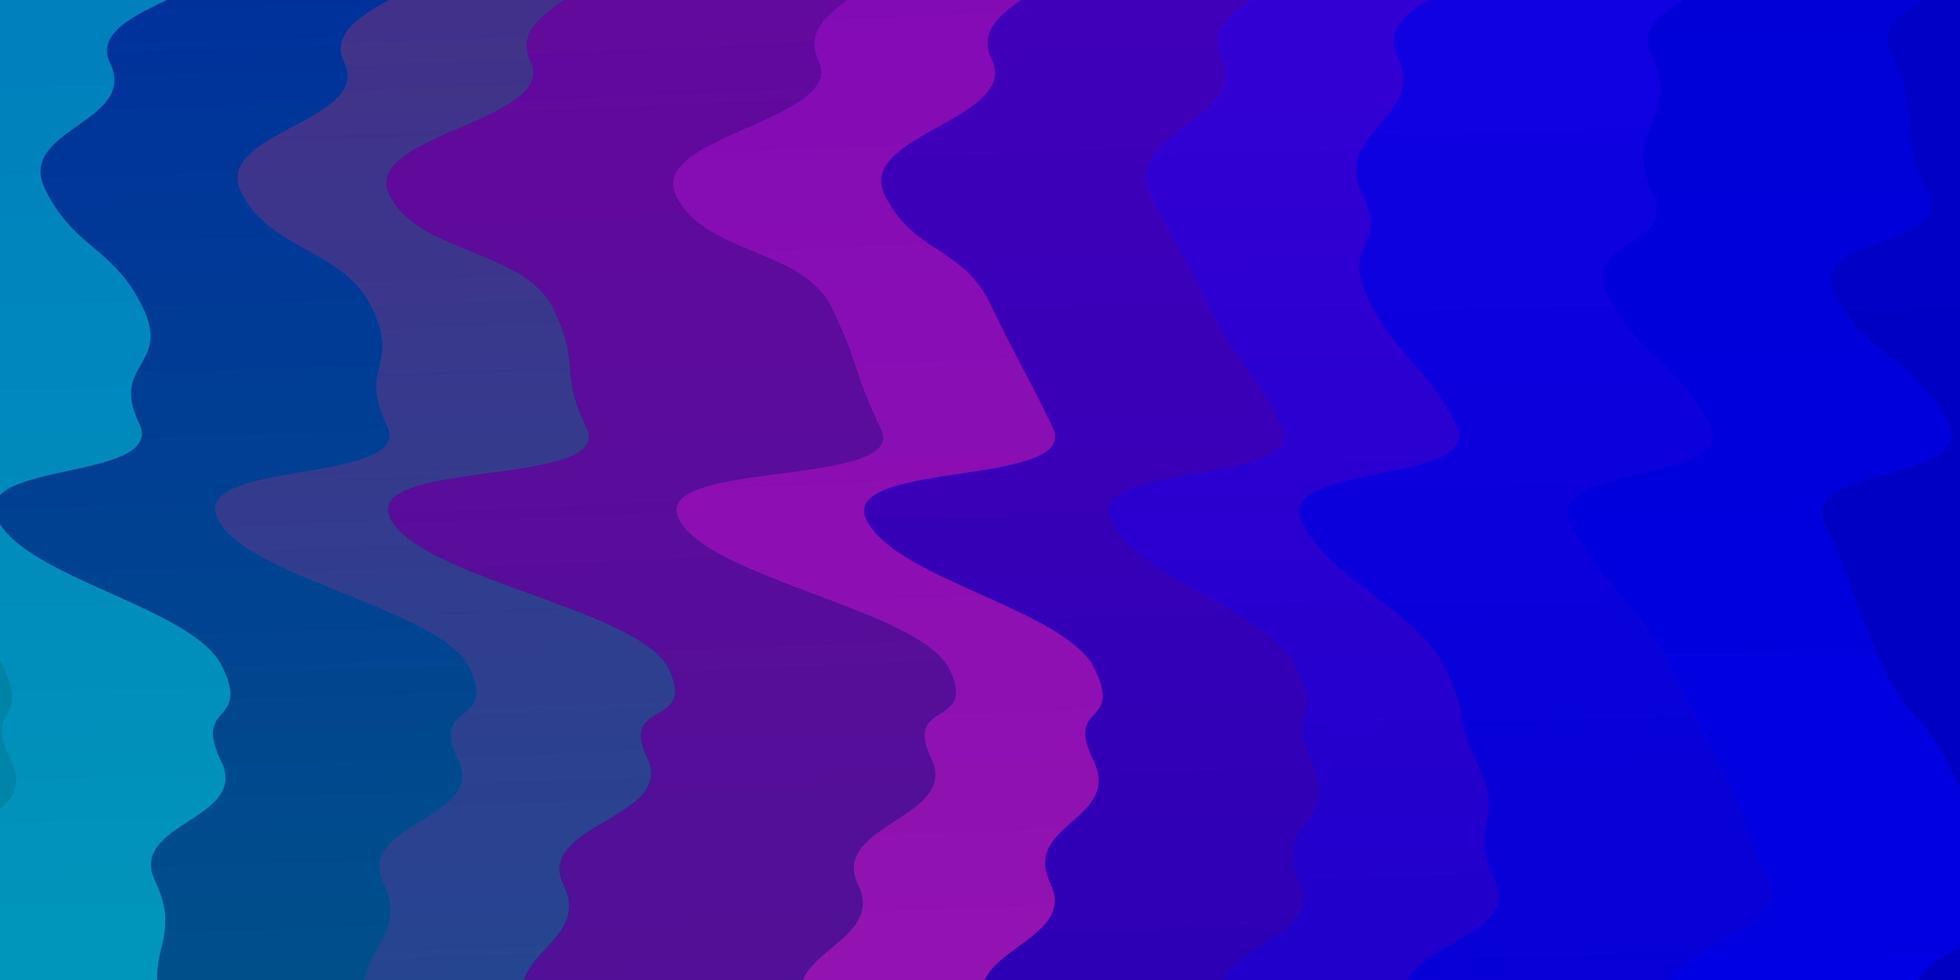 ljusblå, rosa layout med kurvor. vektor